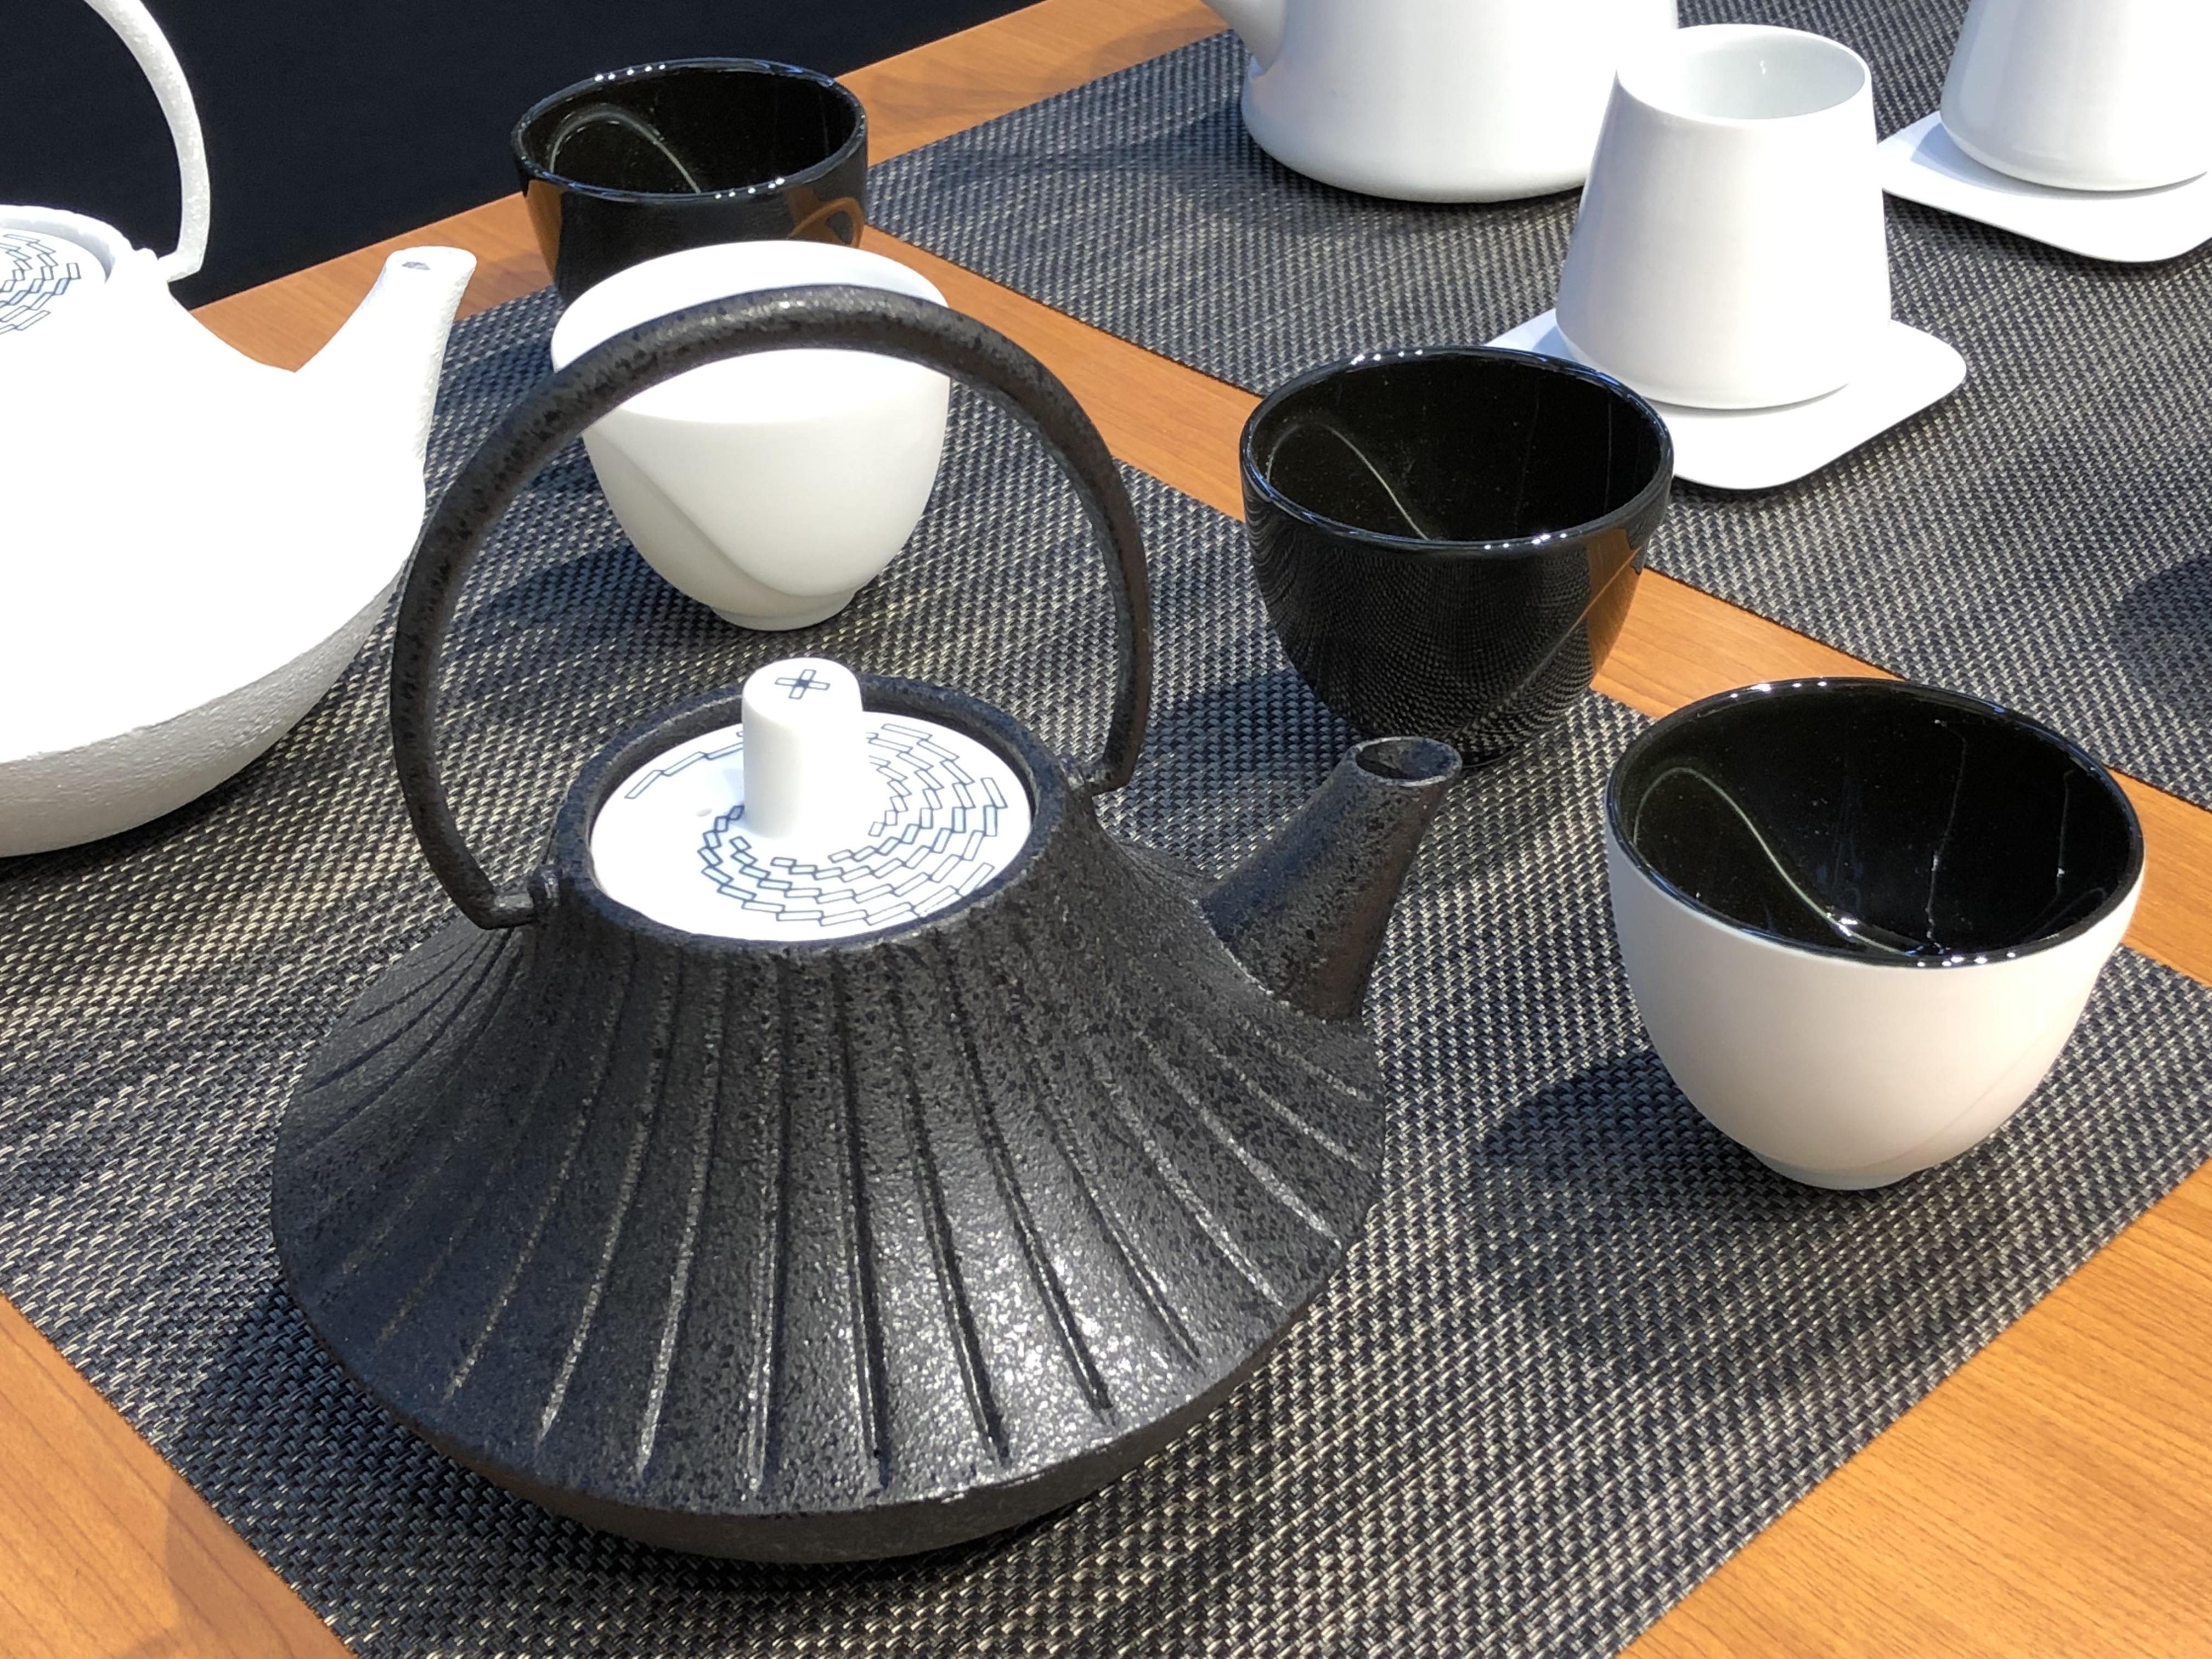 YOnoBI(クロスエッジ)、黒と白、鋳物と陶器というコントラストが鮮やかなティーセット、鋳物の鉄器は人気の定番商品となっている